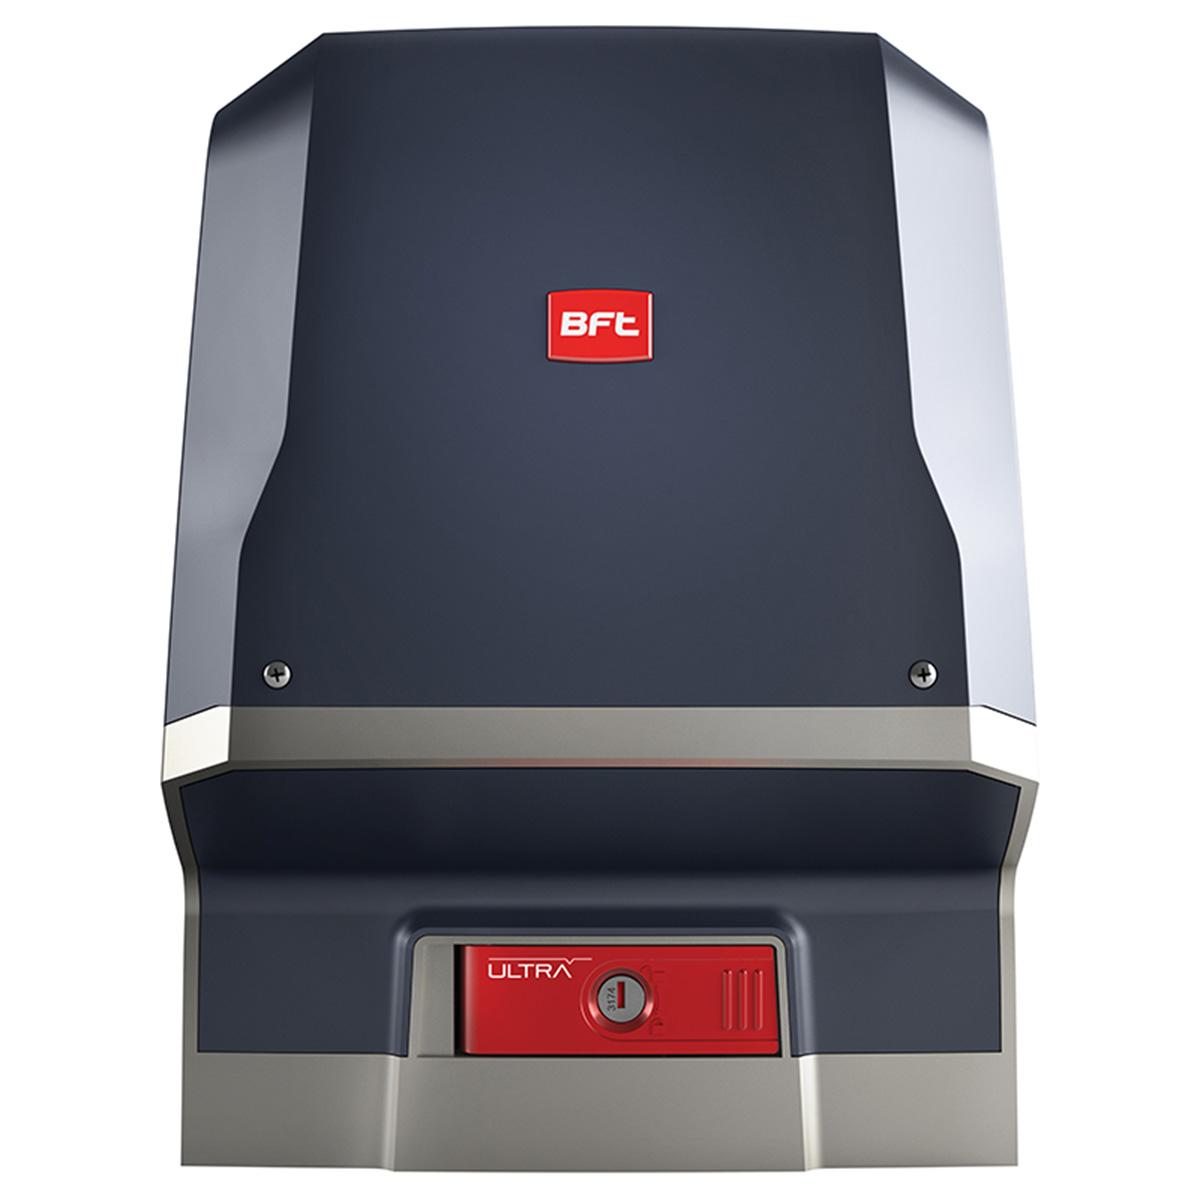 BFT Schiebetorantrieb ICARO SMART AC A2000 (ohne Steuerung)